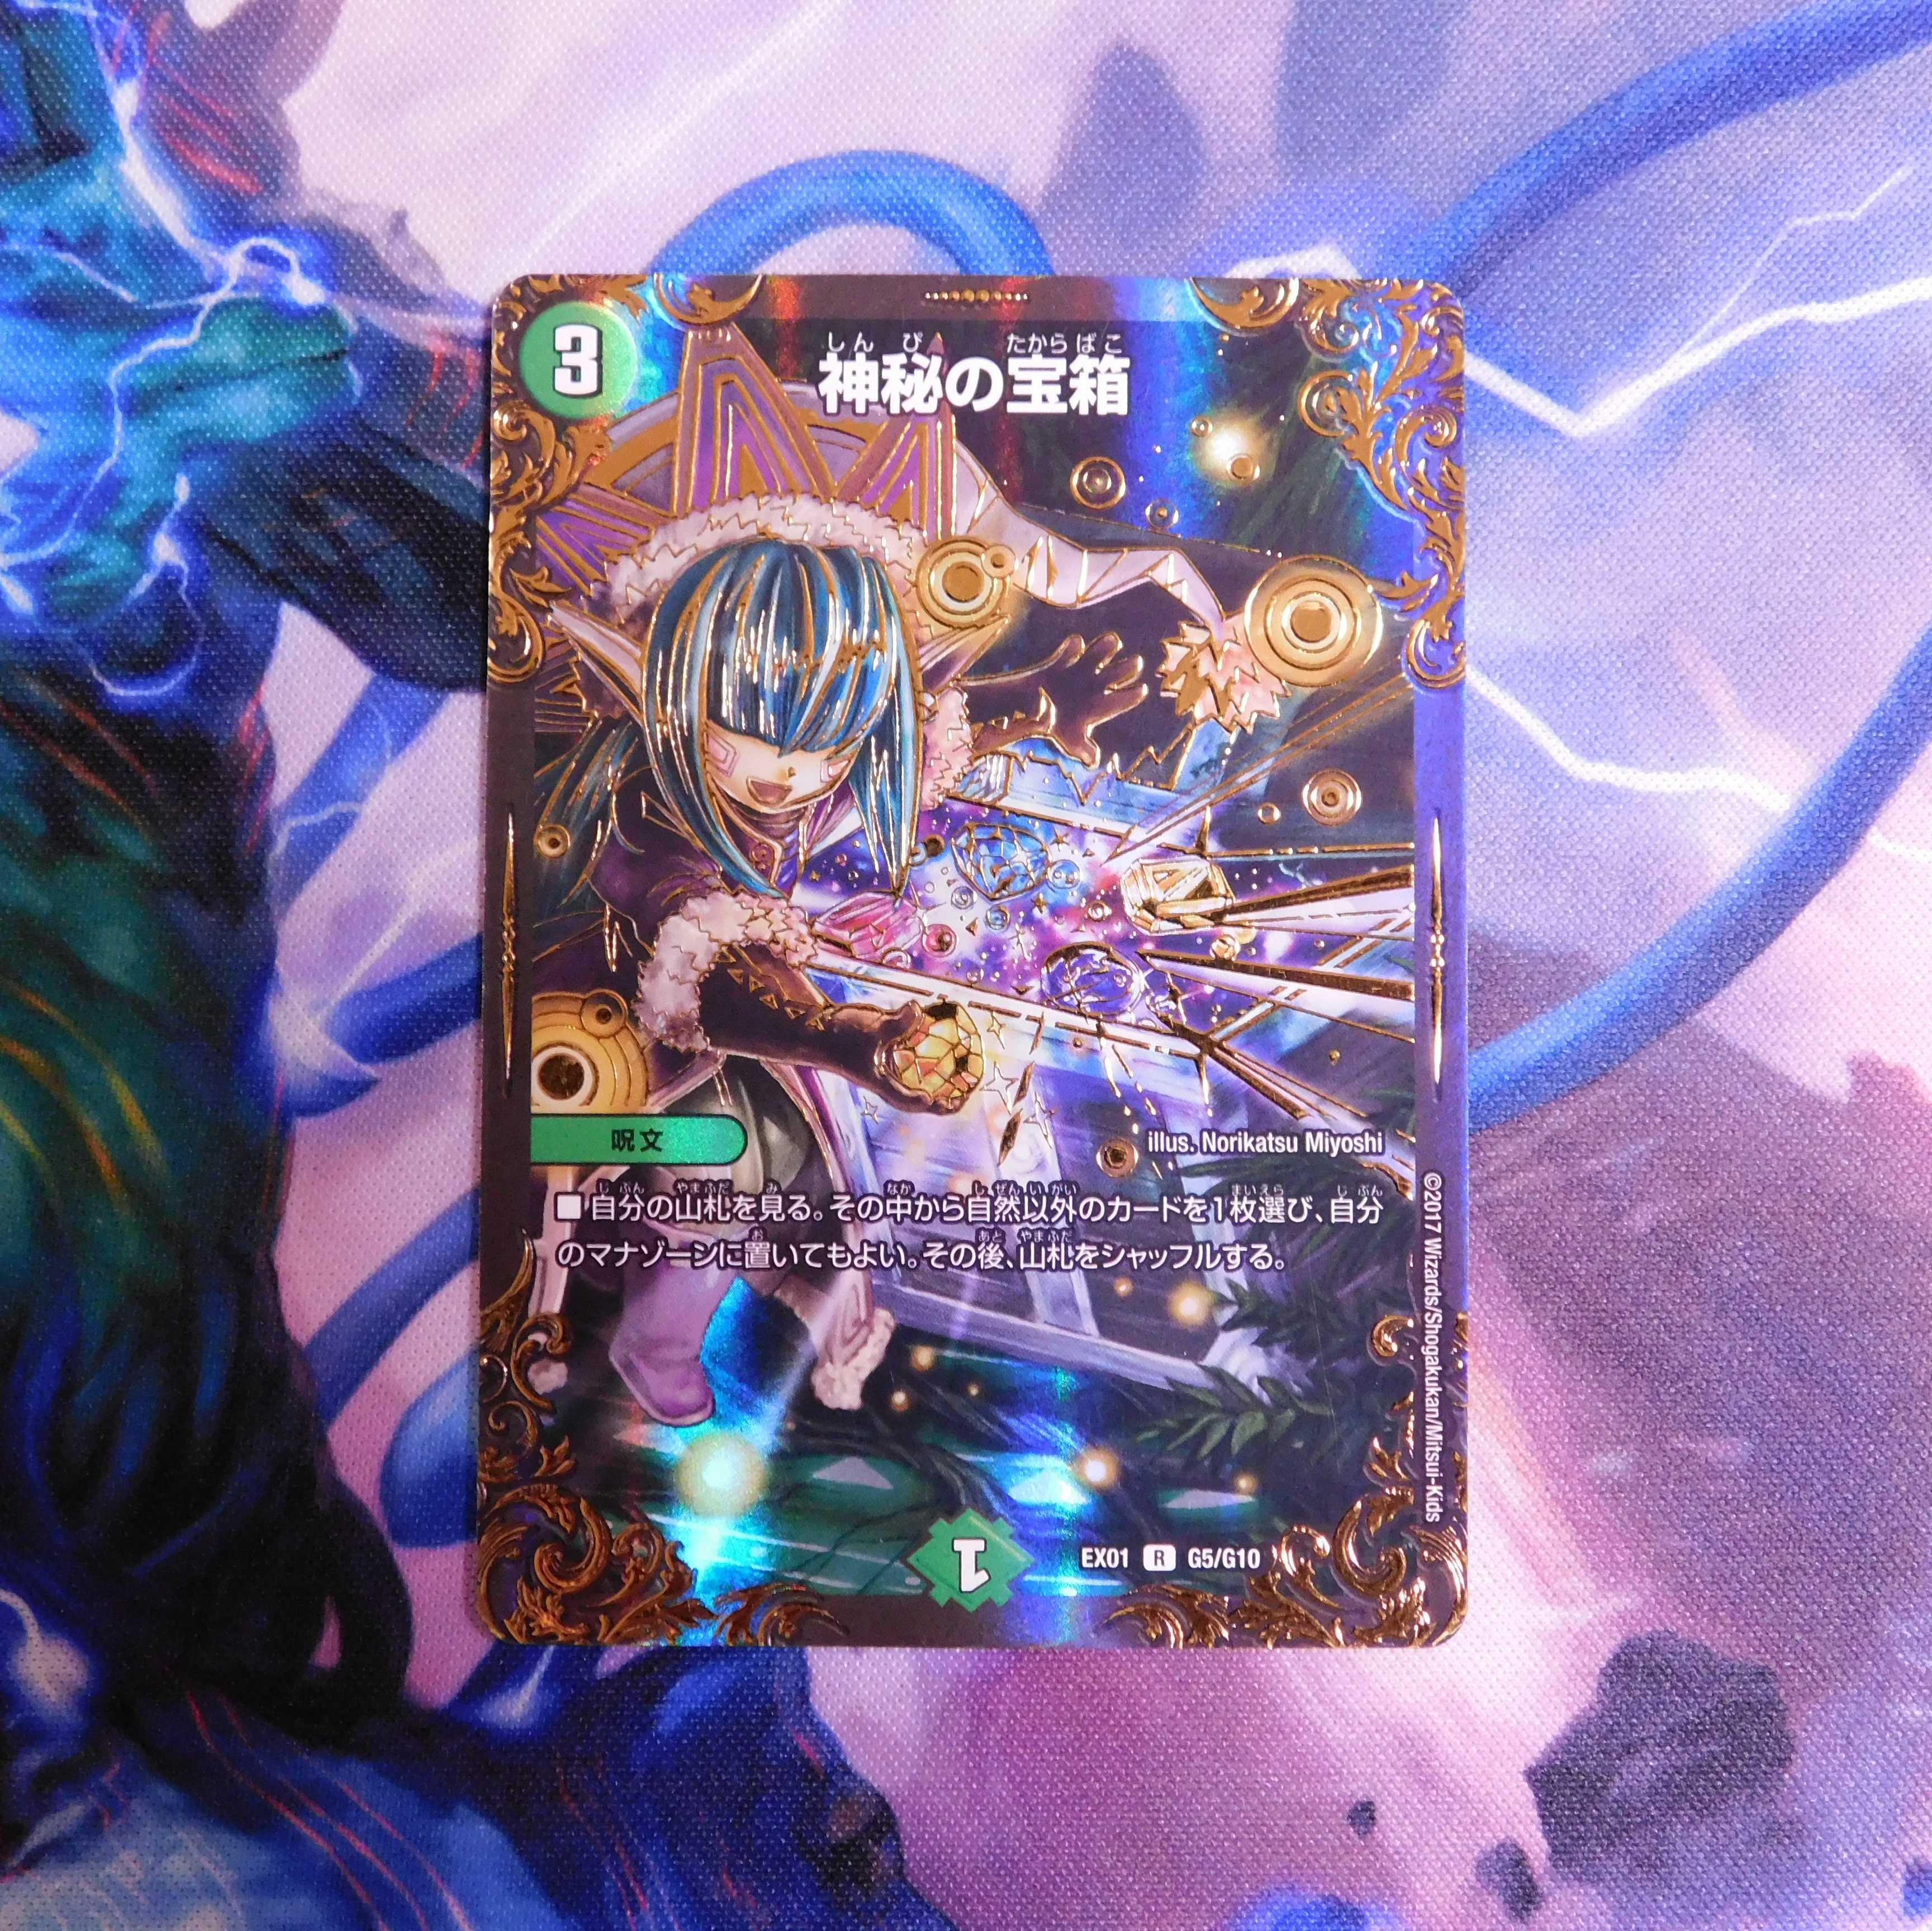 【専用】神秘の宝箱UGC(ウルトラゴールデンカード仕様) 1枚